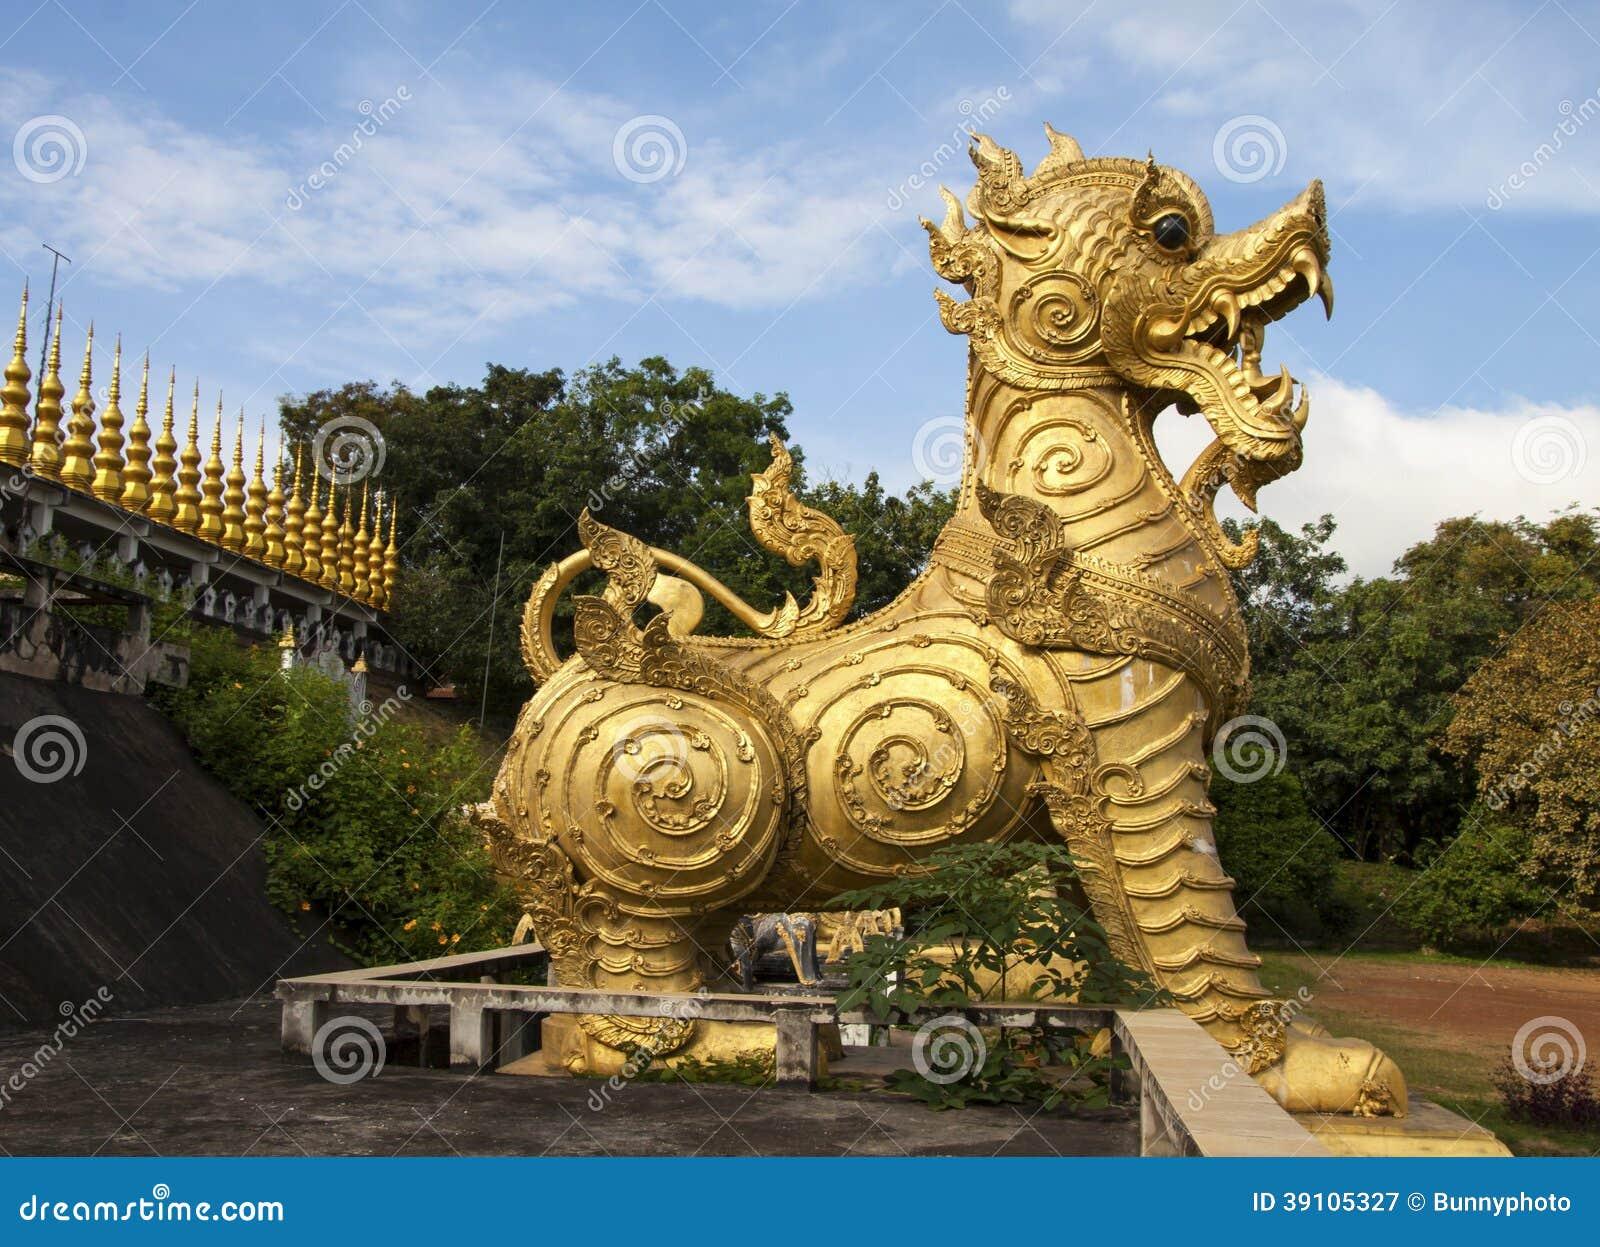 Het gouden standbeeld van de lannaleeuw